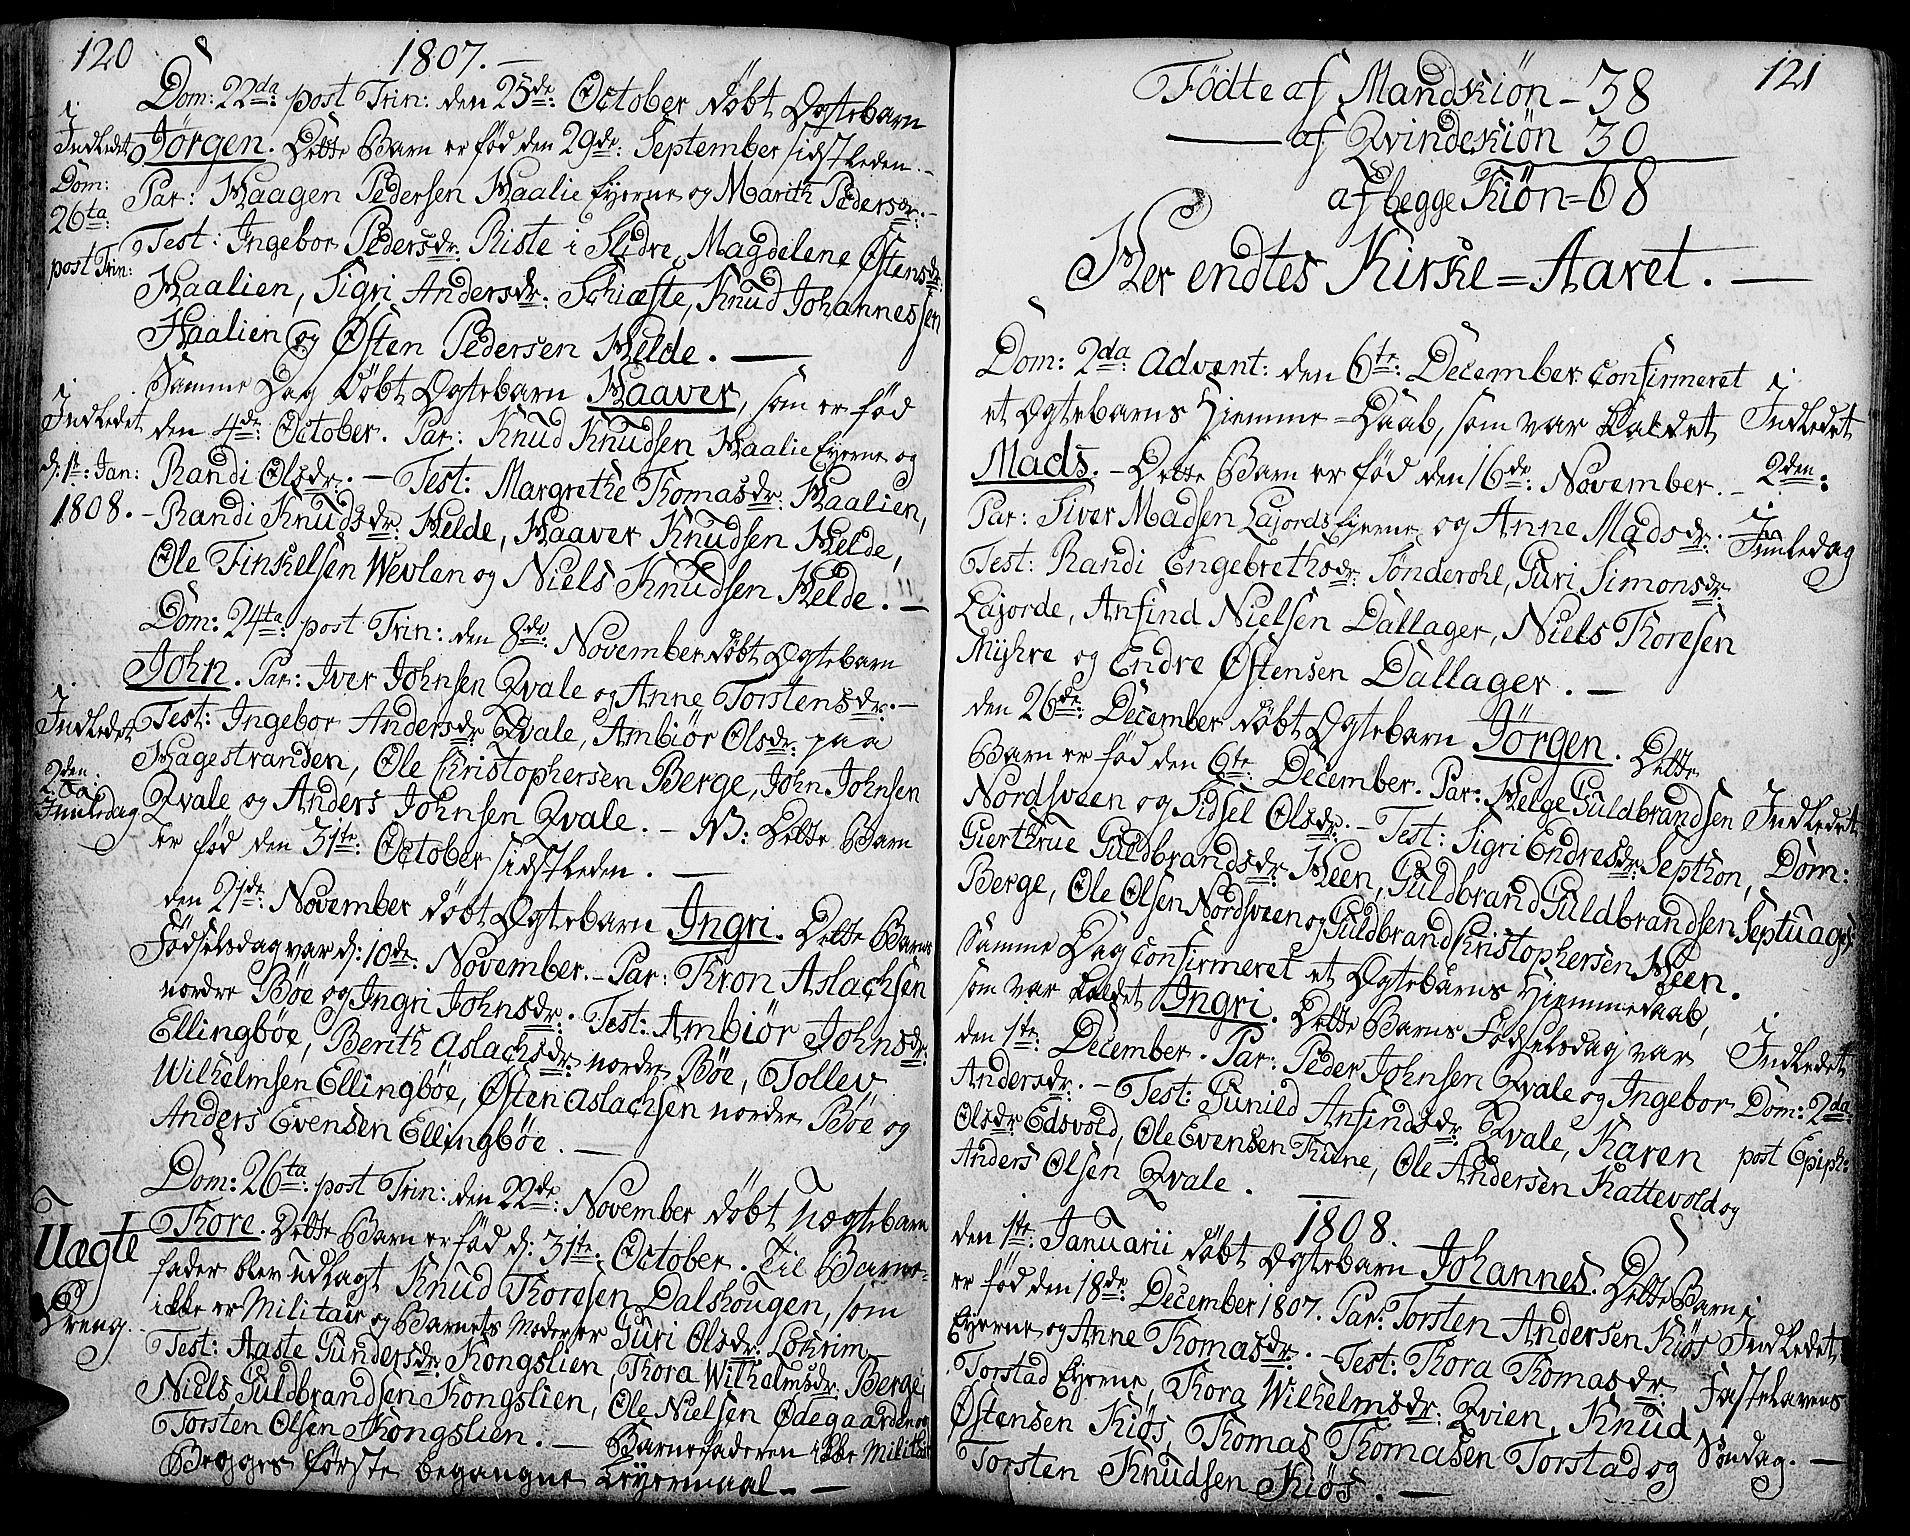 SAH, Vang prestekontor, Valdres, Ministerialbok nr. 2, 1796-1808, s. 120-121